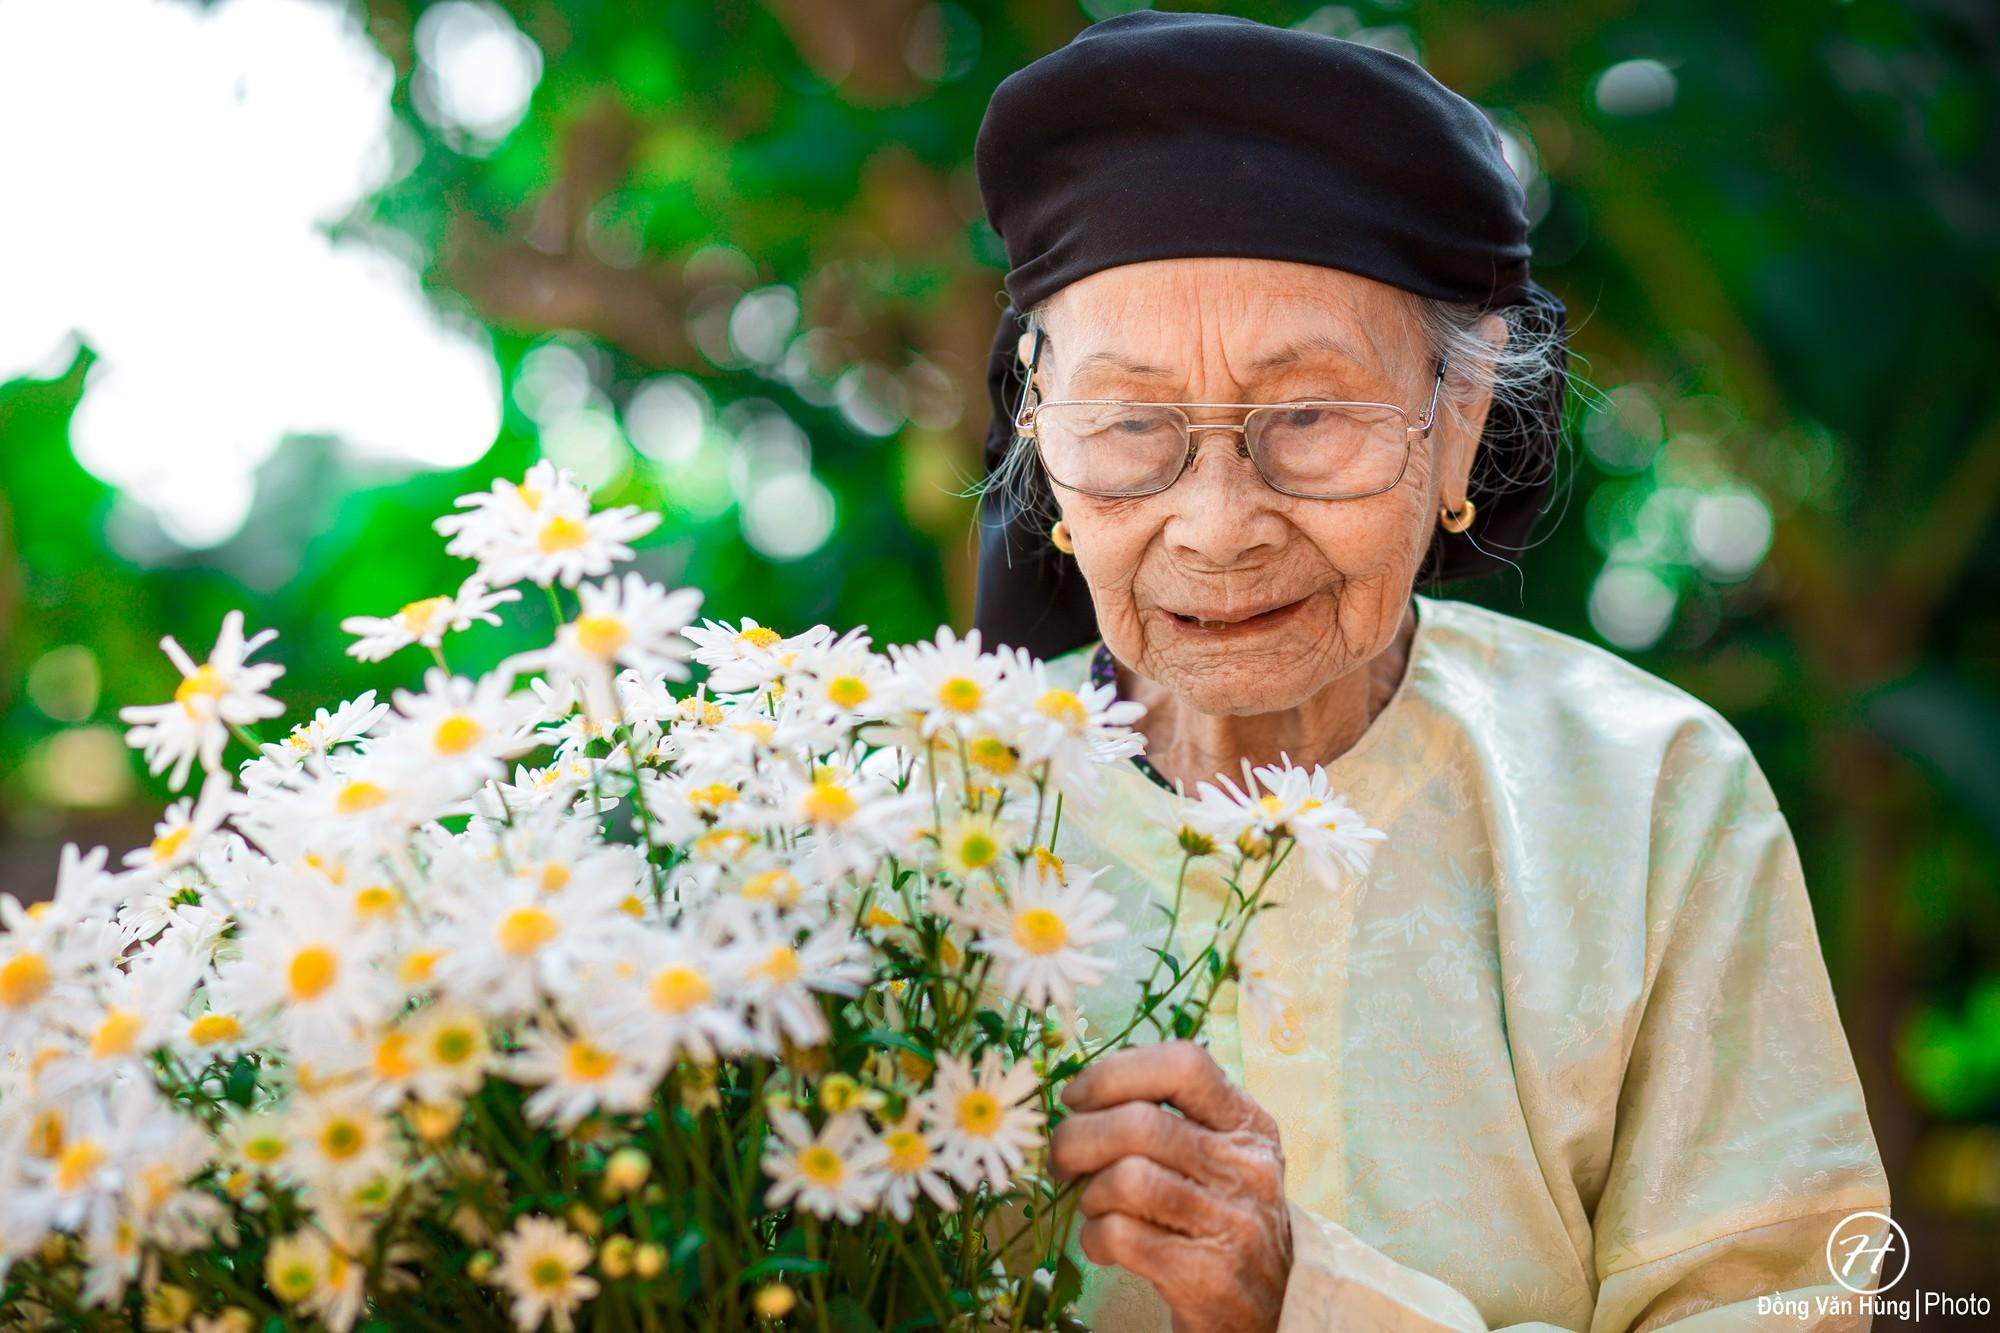 Người mẫu 99 tuổi điệu đà tạo dáng bên hoa cúc họa mi - Ảnh 5.